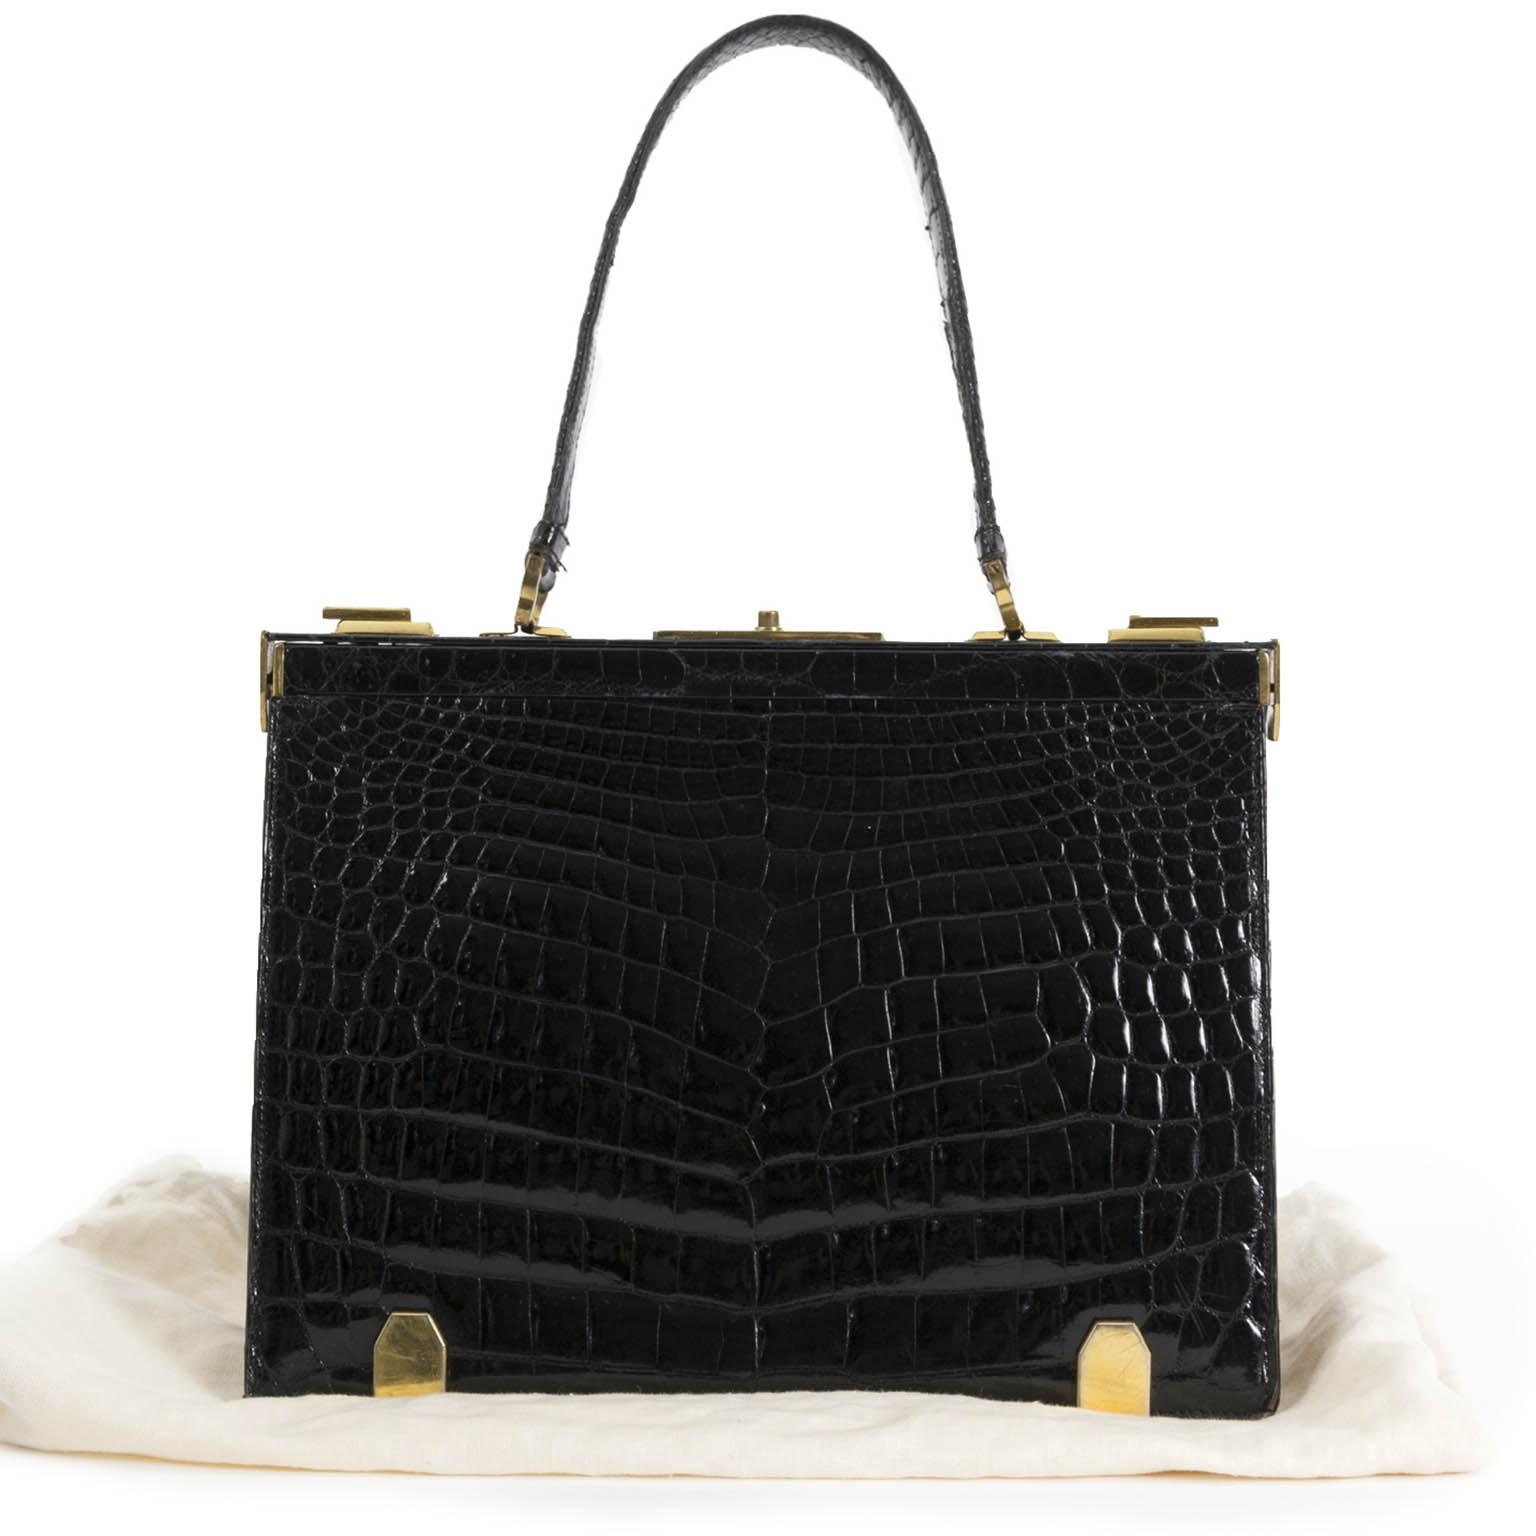 Delvaux 'Mon Grand Bonheur' Croco Top Handle Bag for sale online